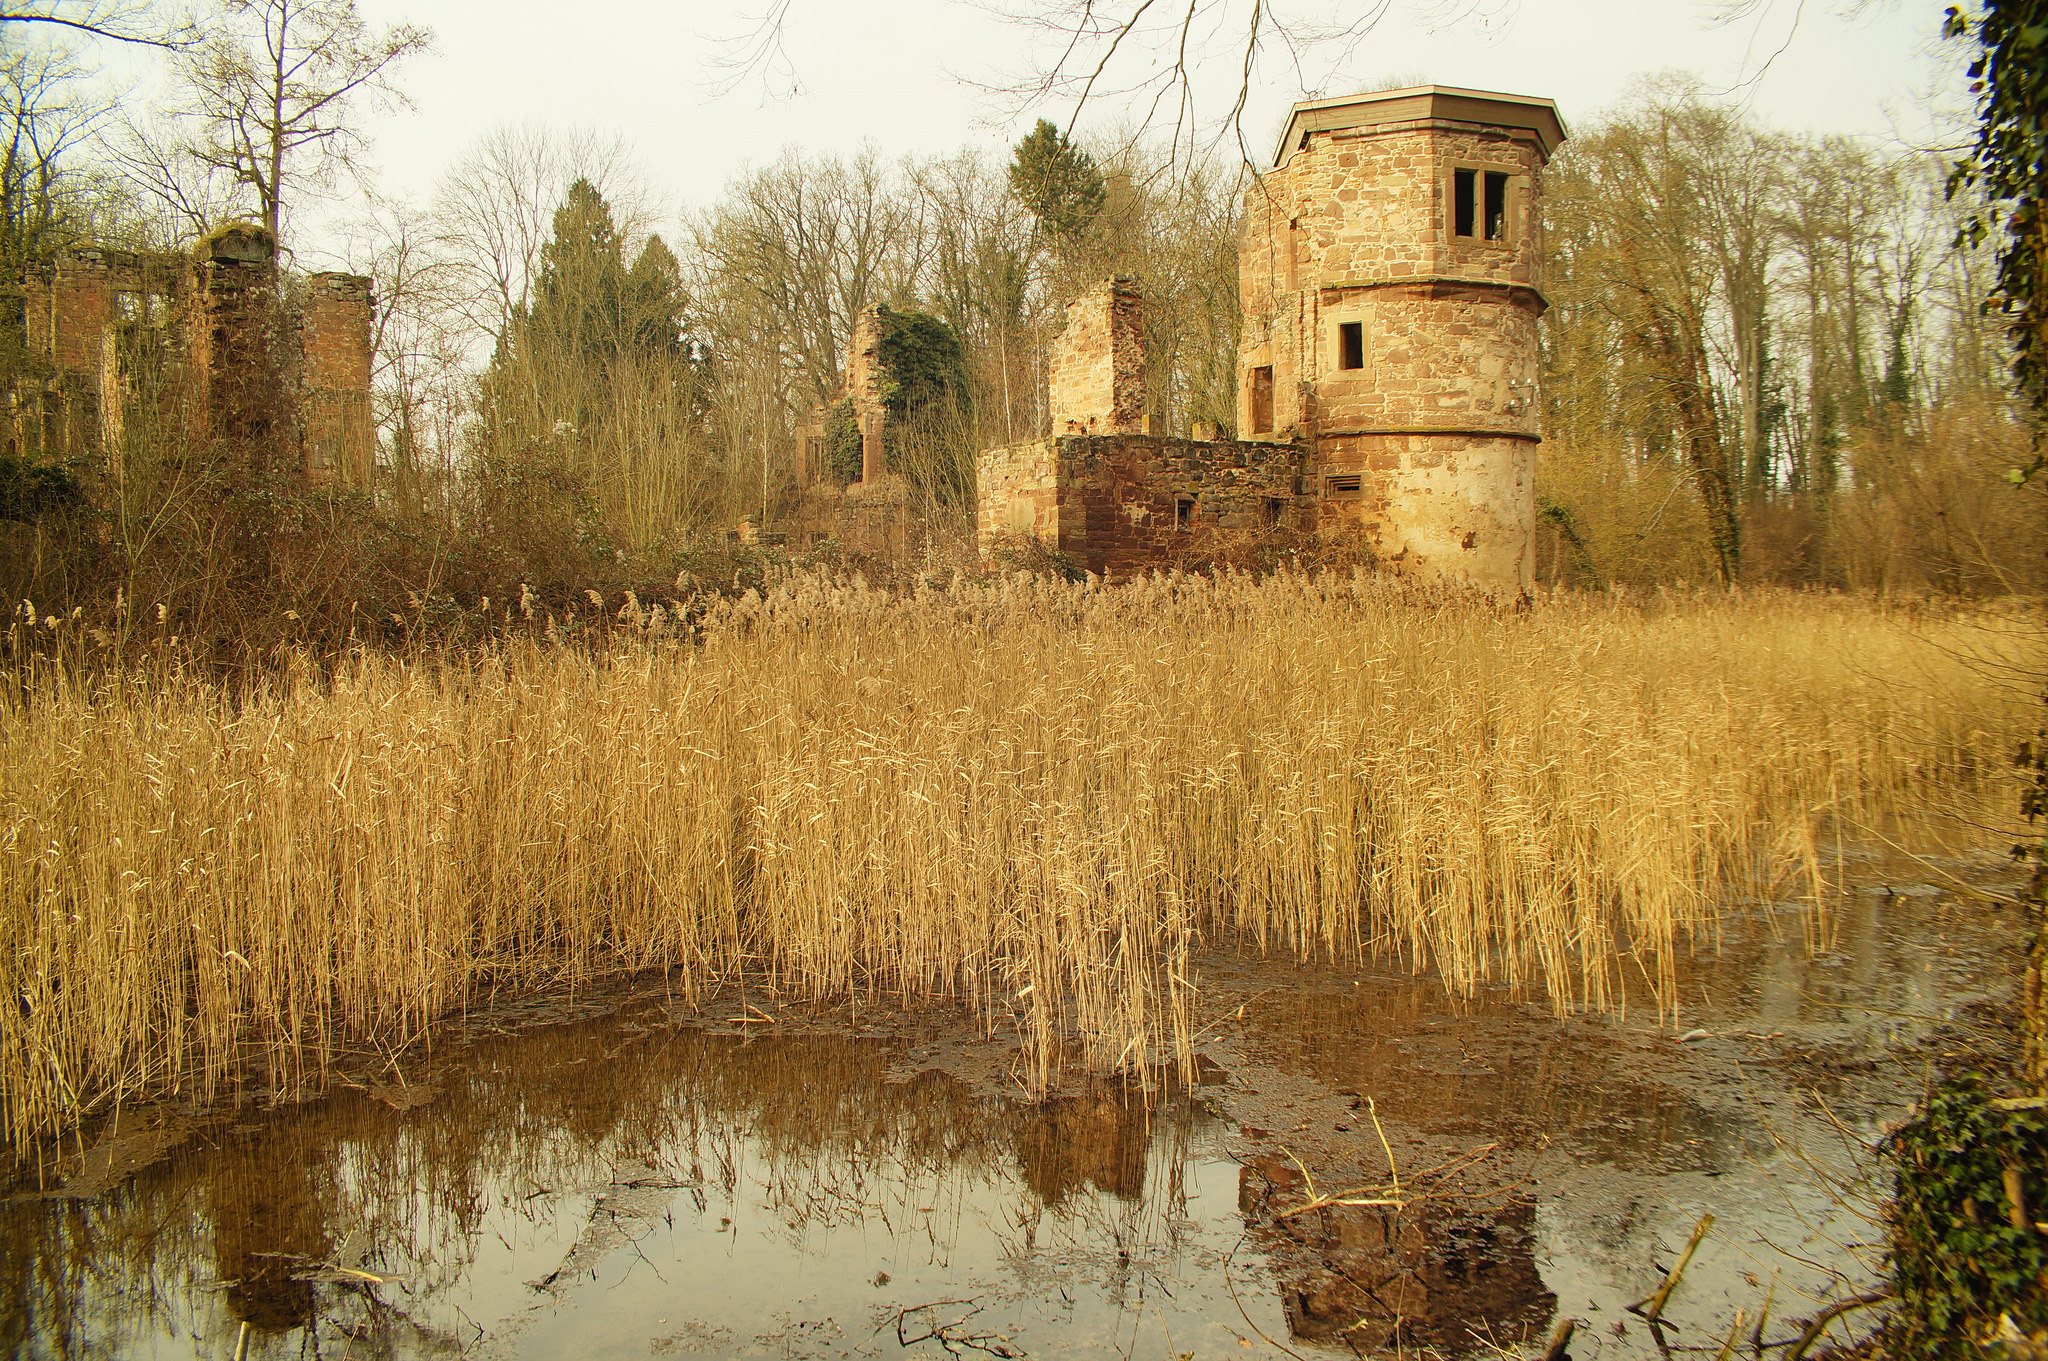 Die Sicht auf den Nordturm des Wasserschlosses Menzingen.